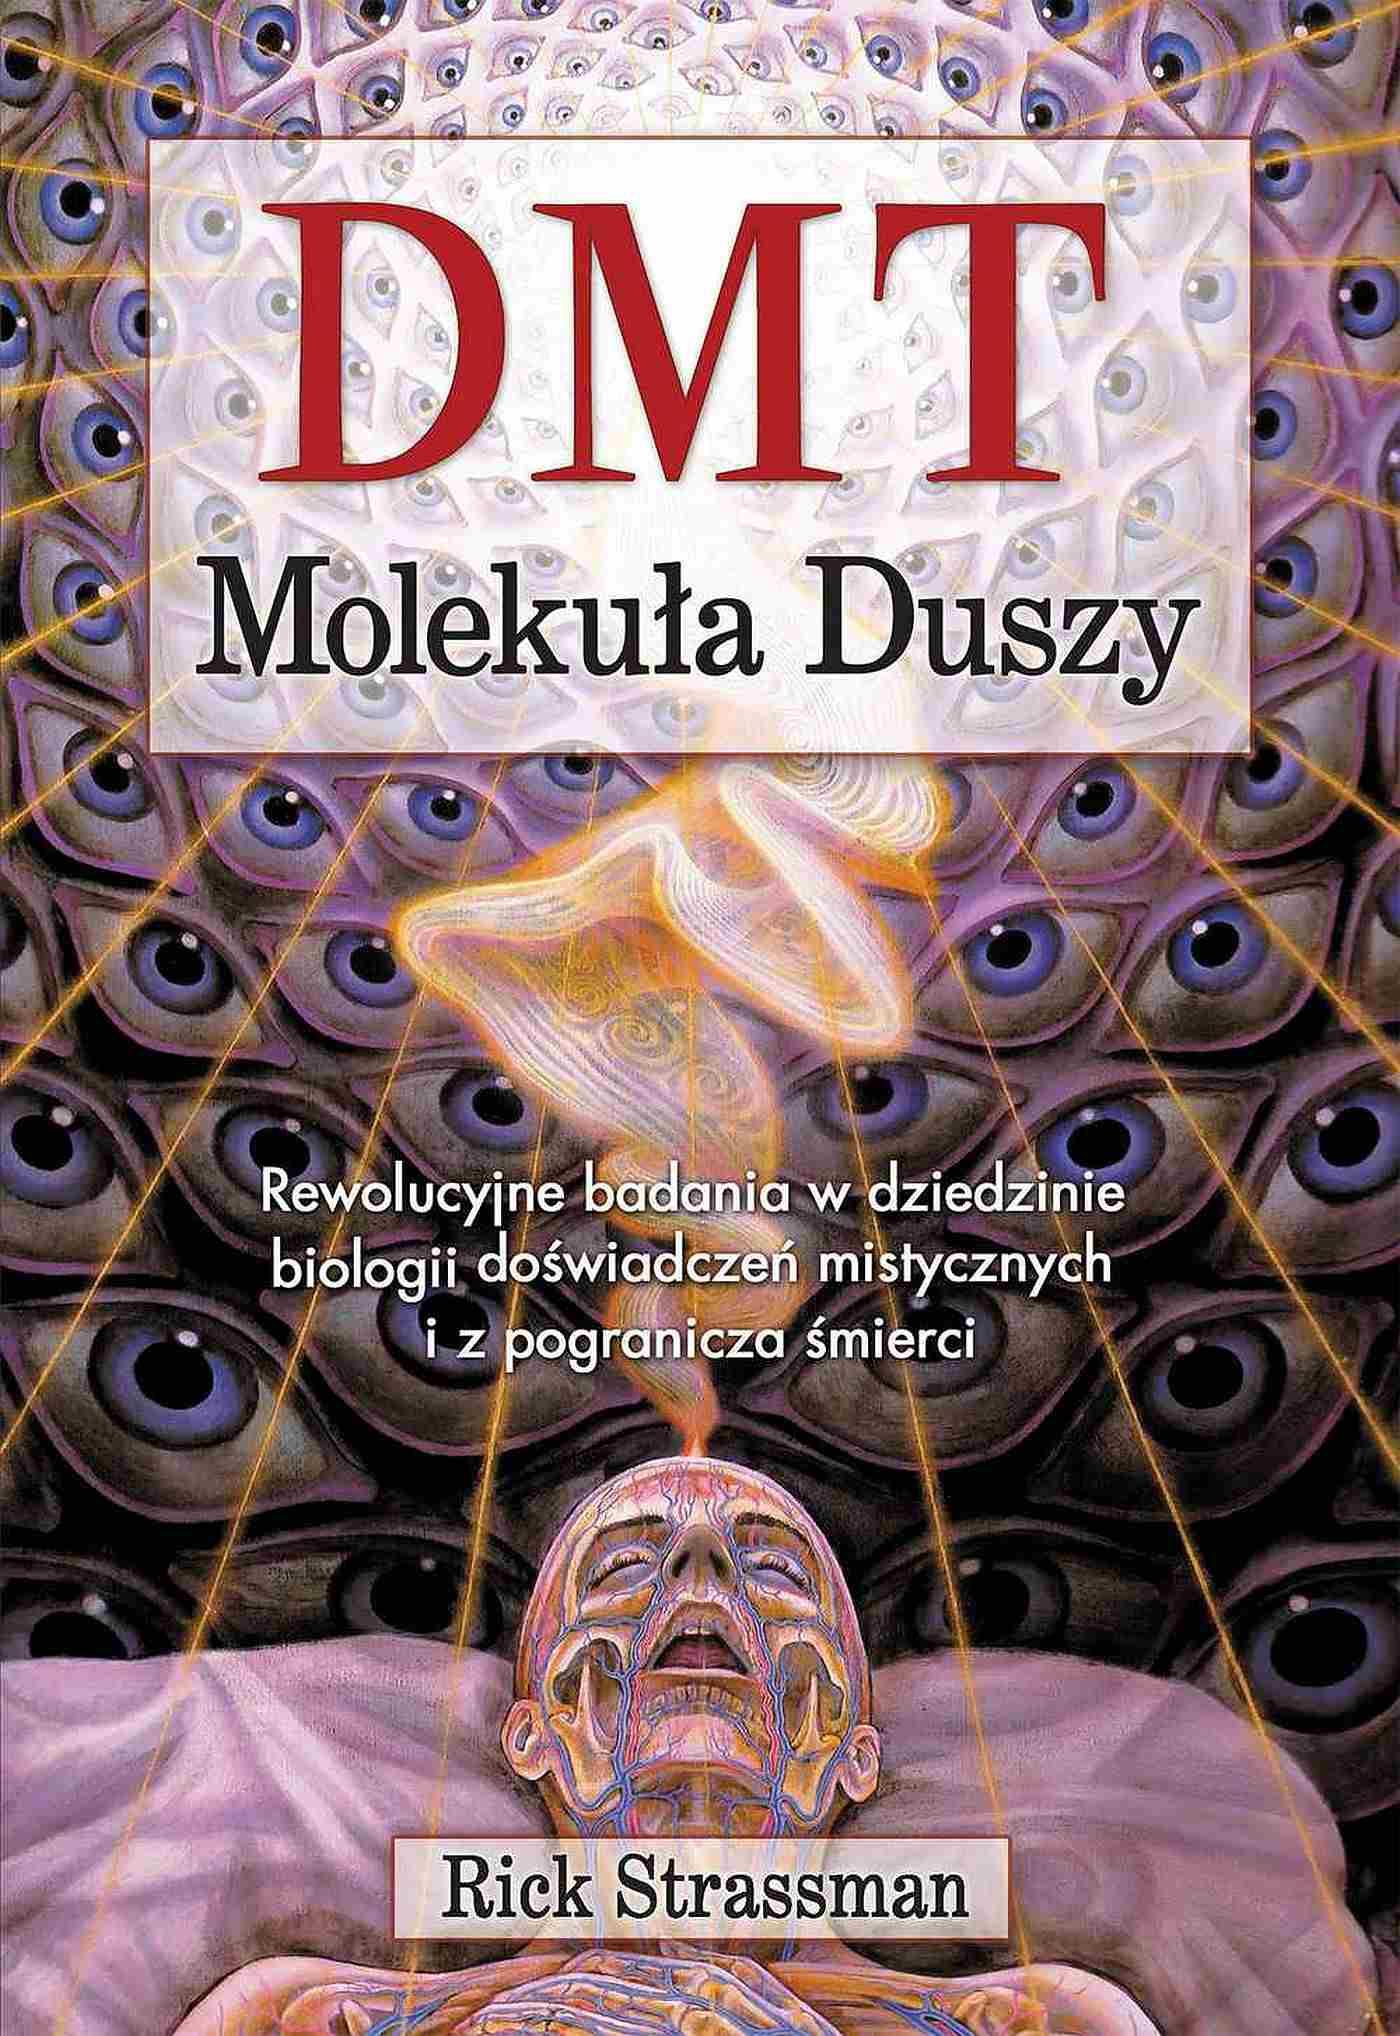 DMT. Molekuła duszy. Rewolucyjne badania w dziedzinie biologii doświadczeń mistycznych i z pogranicza śmierci - Ebook (Książka EPUB) do pobrania w formacie EPUB